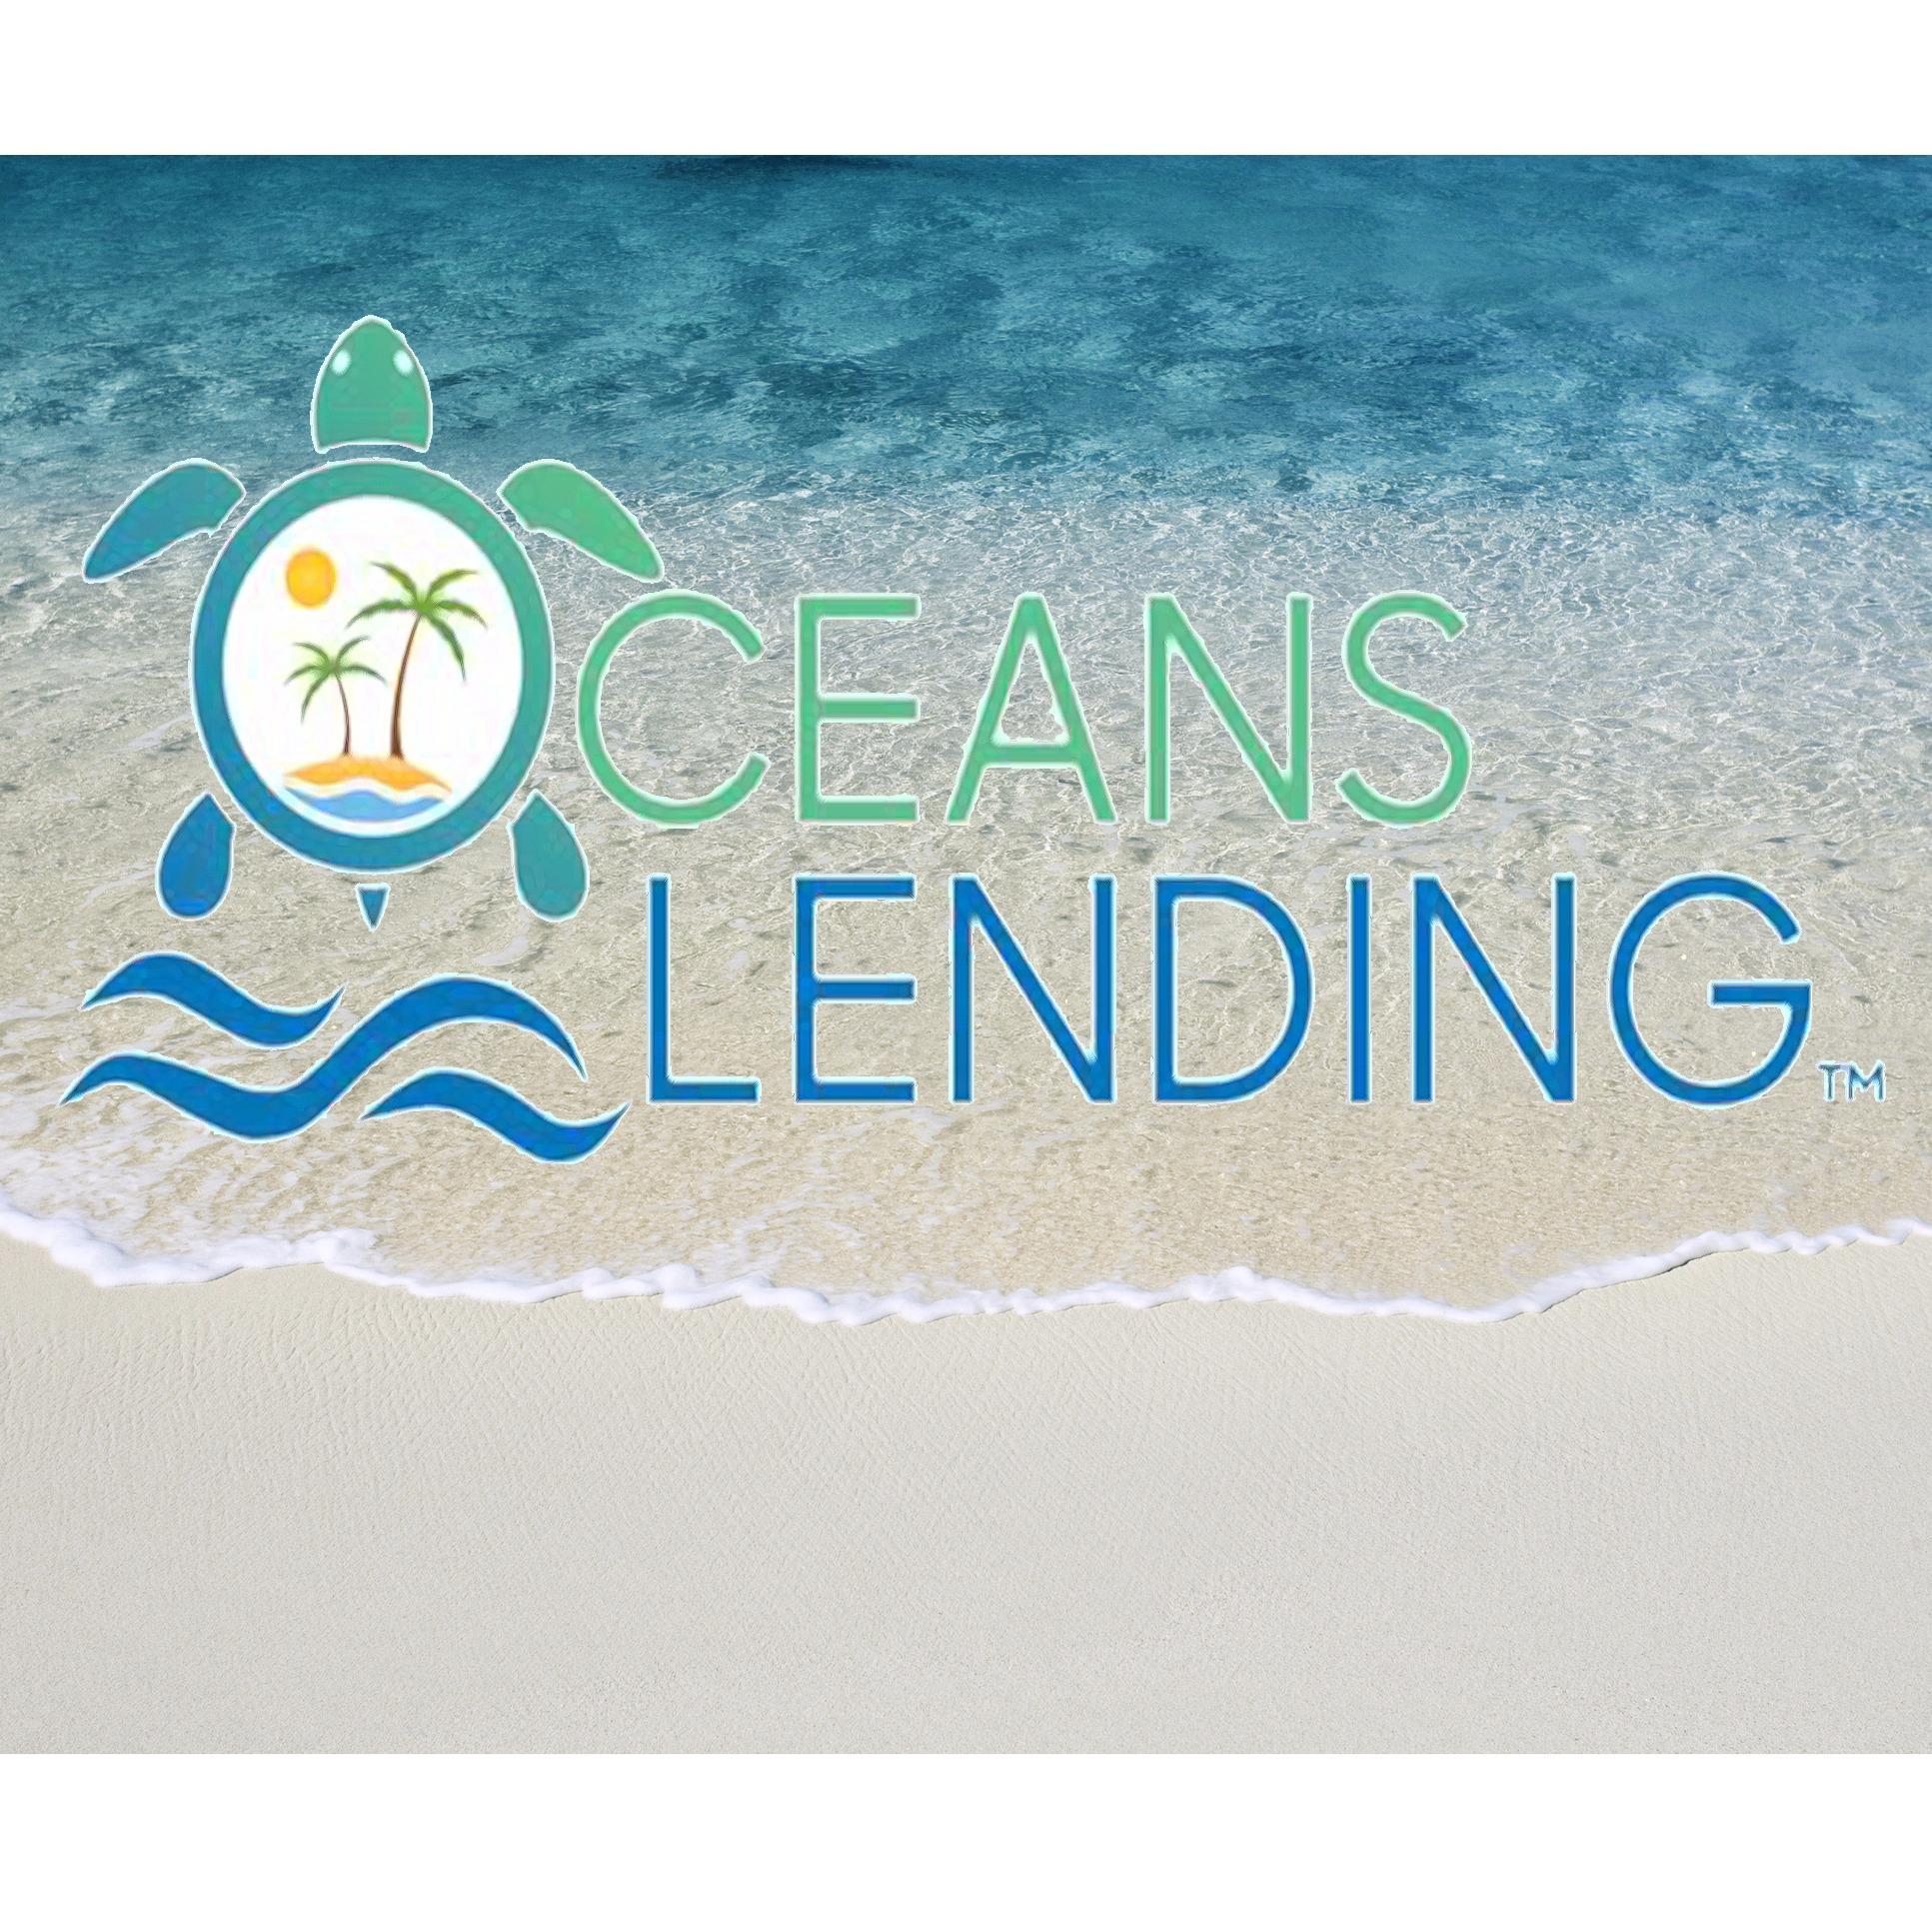 Oceans Lending LLC